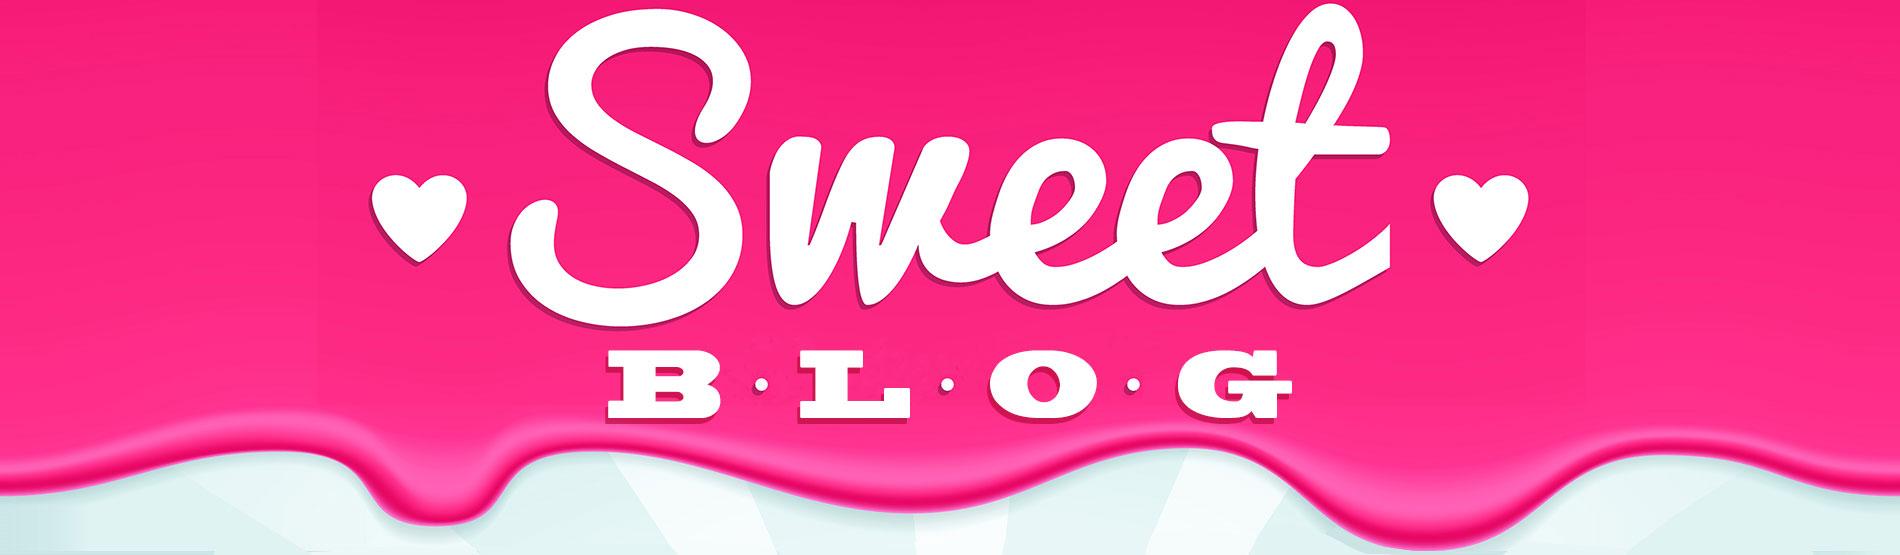 sweetsoul-slide-2